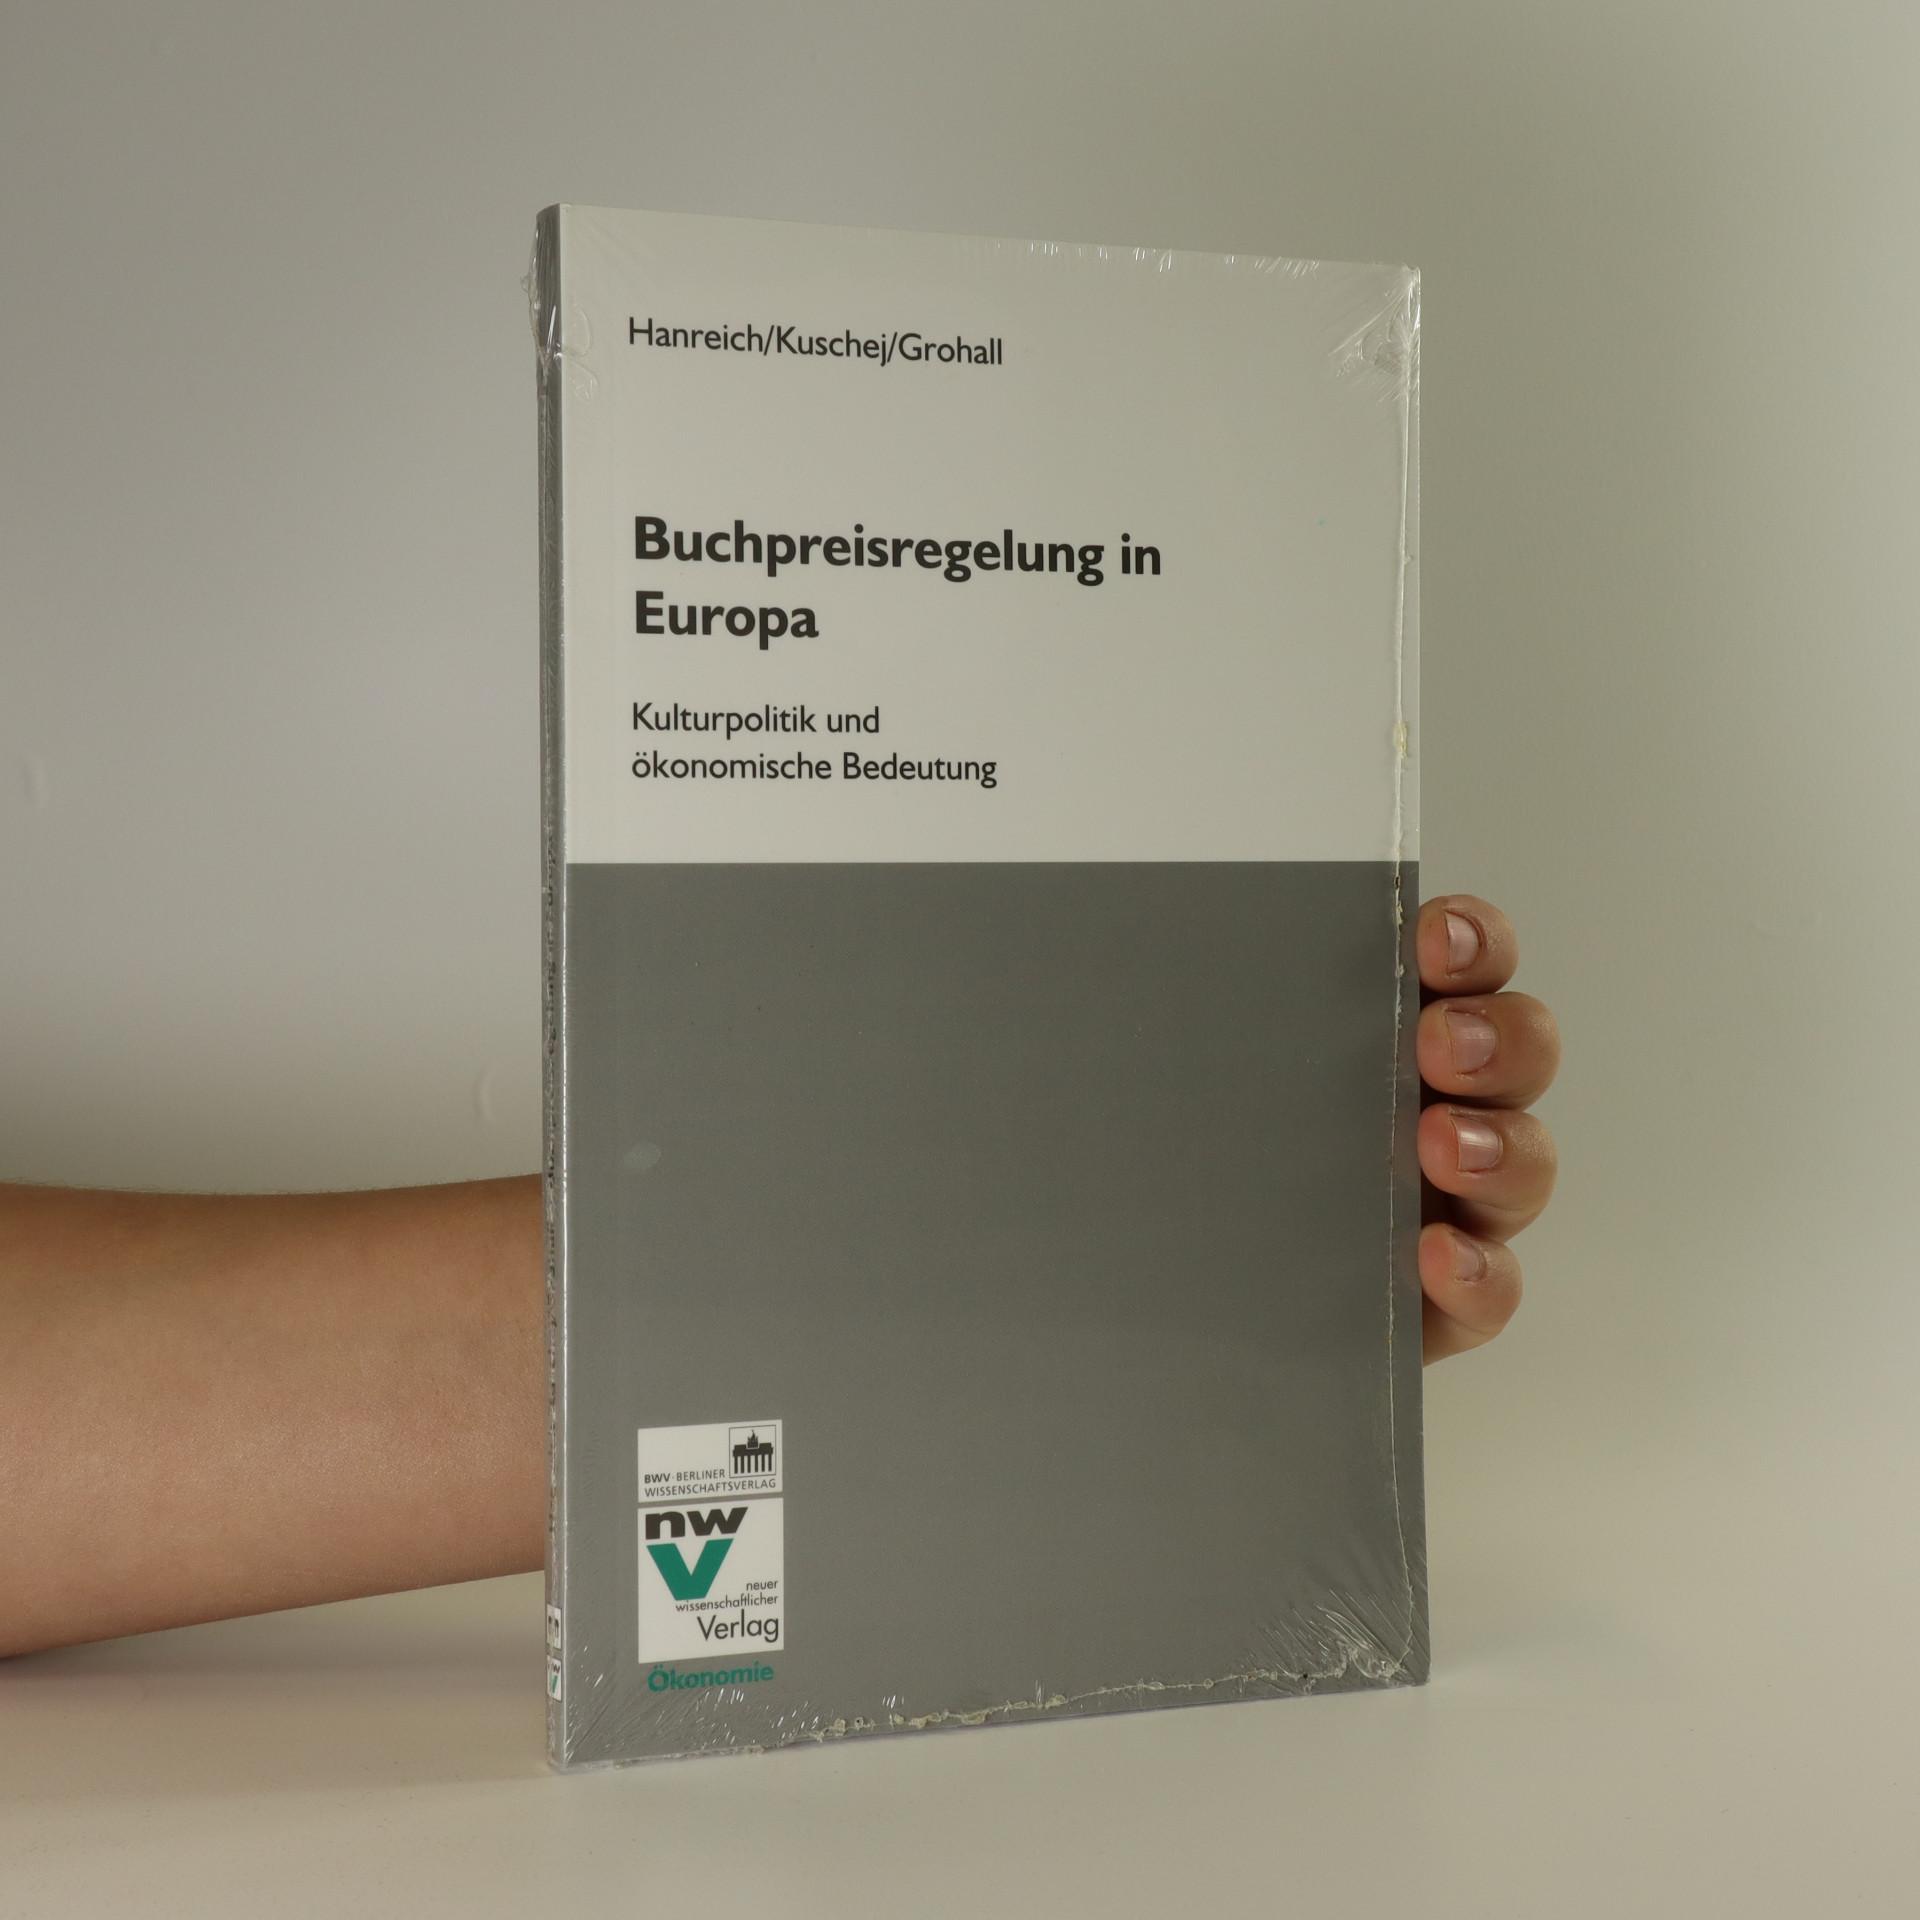 antikvární kniha Buchpreisregelung in Europa, neuveden